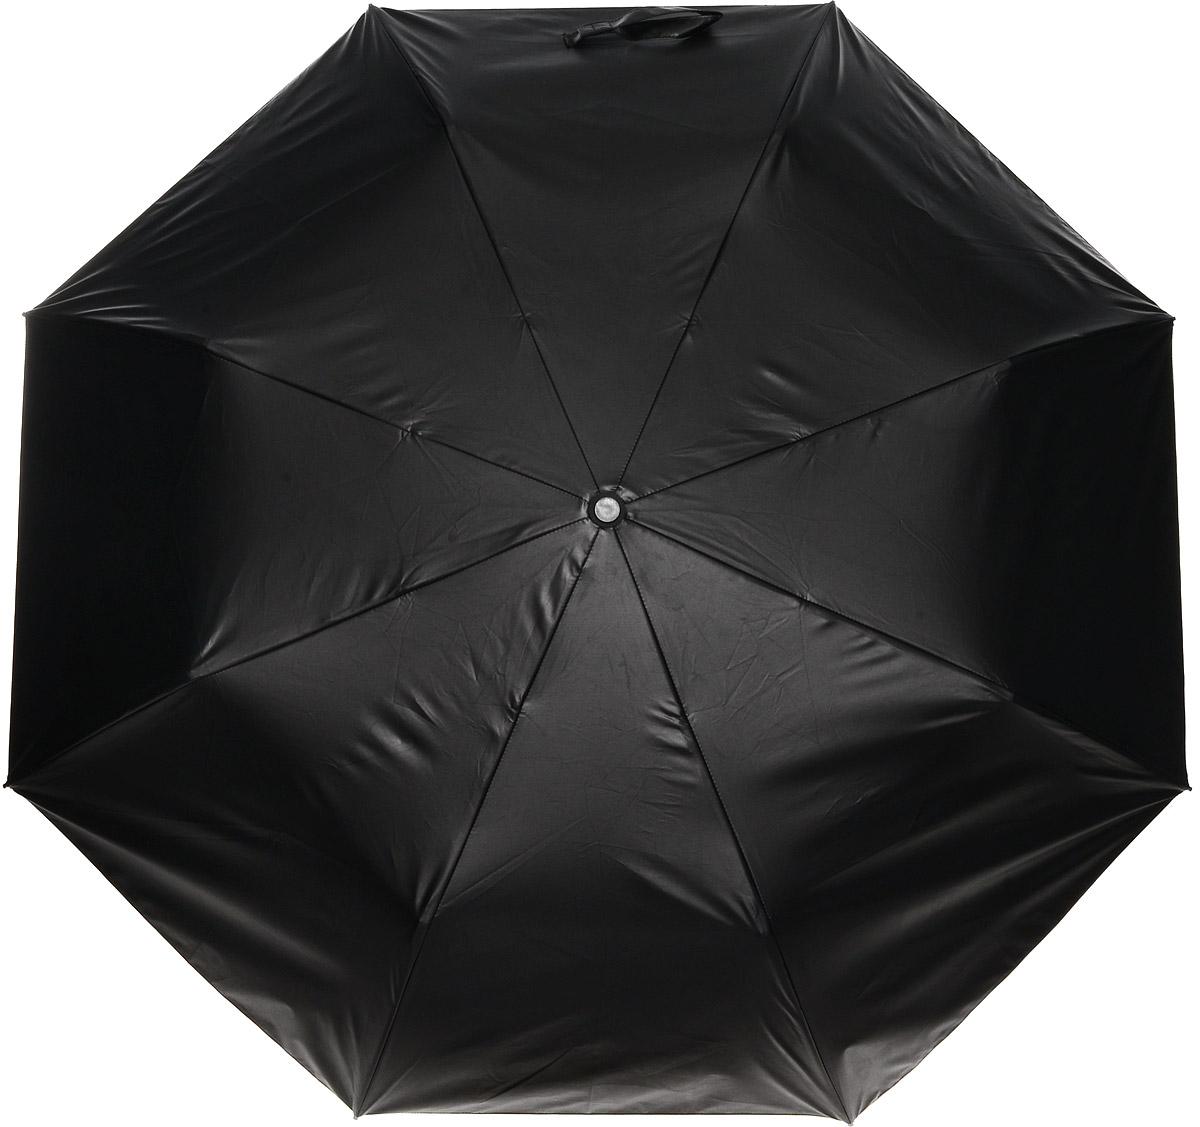 Зонт женский Vera Victoria Vito, механика, 3 сложения, цвет: черный, розовый. 20-700-93.7-12 navyЗонт Vera Victoria Vito надежно защитит вас от дождя. Купол выполнен из высококачественного нейлона, который не пропускает воду. Внутренняя сторона купола оформлена оригинальным принтом. Каркас зонта и спицы выполнены из высококачественного металла.Удобная ручка выполнена из пластика и дополнена эластичной резинкой. Зонт имеет автоматический тип сложения: открывается и закрывается при нажатии на кнопку. В комплект входит чехол.